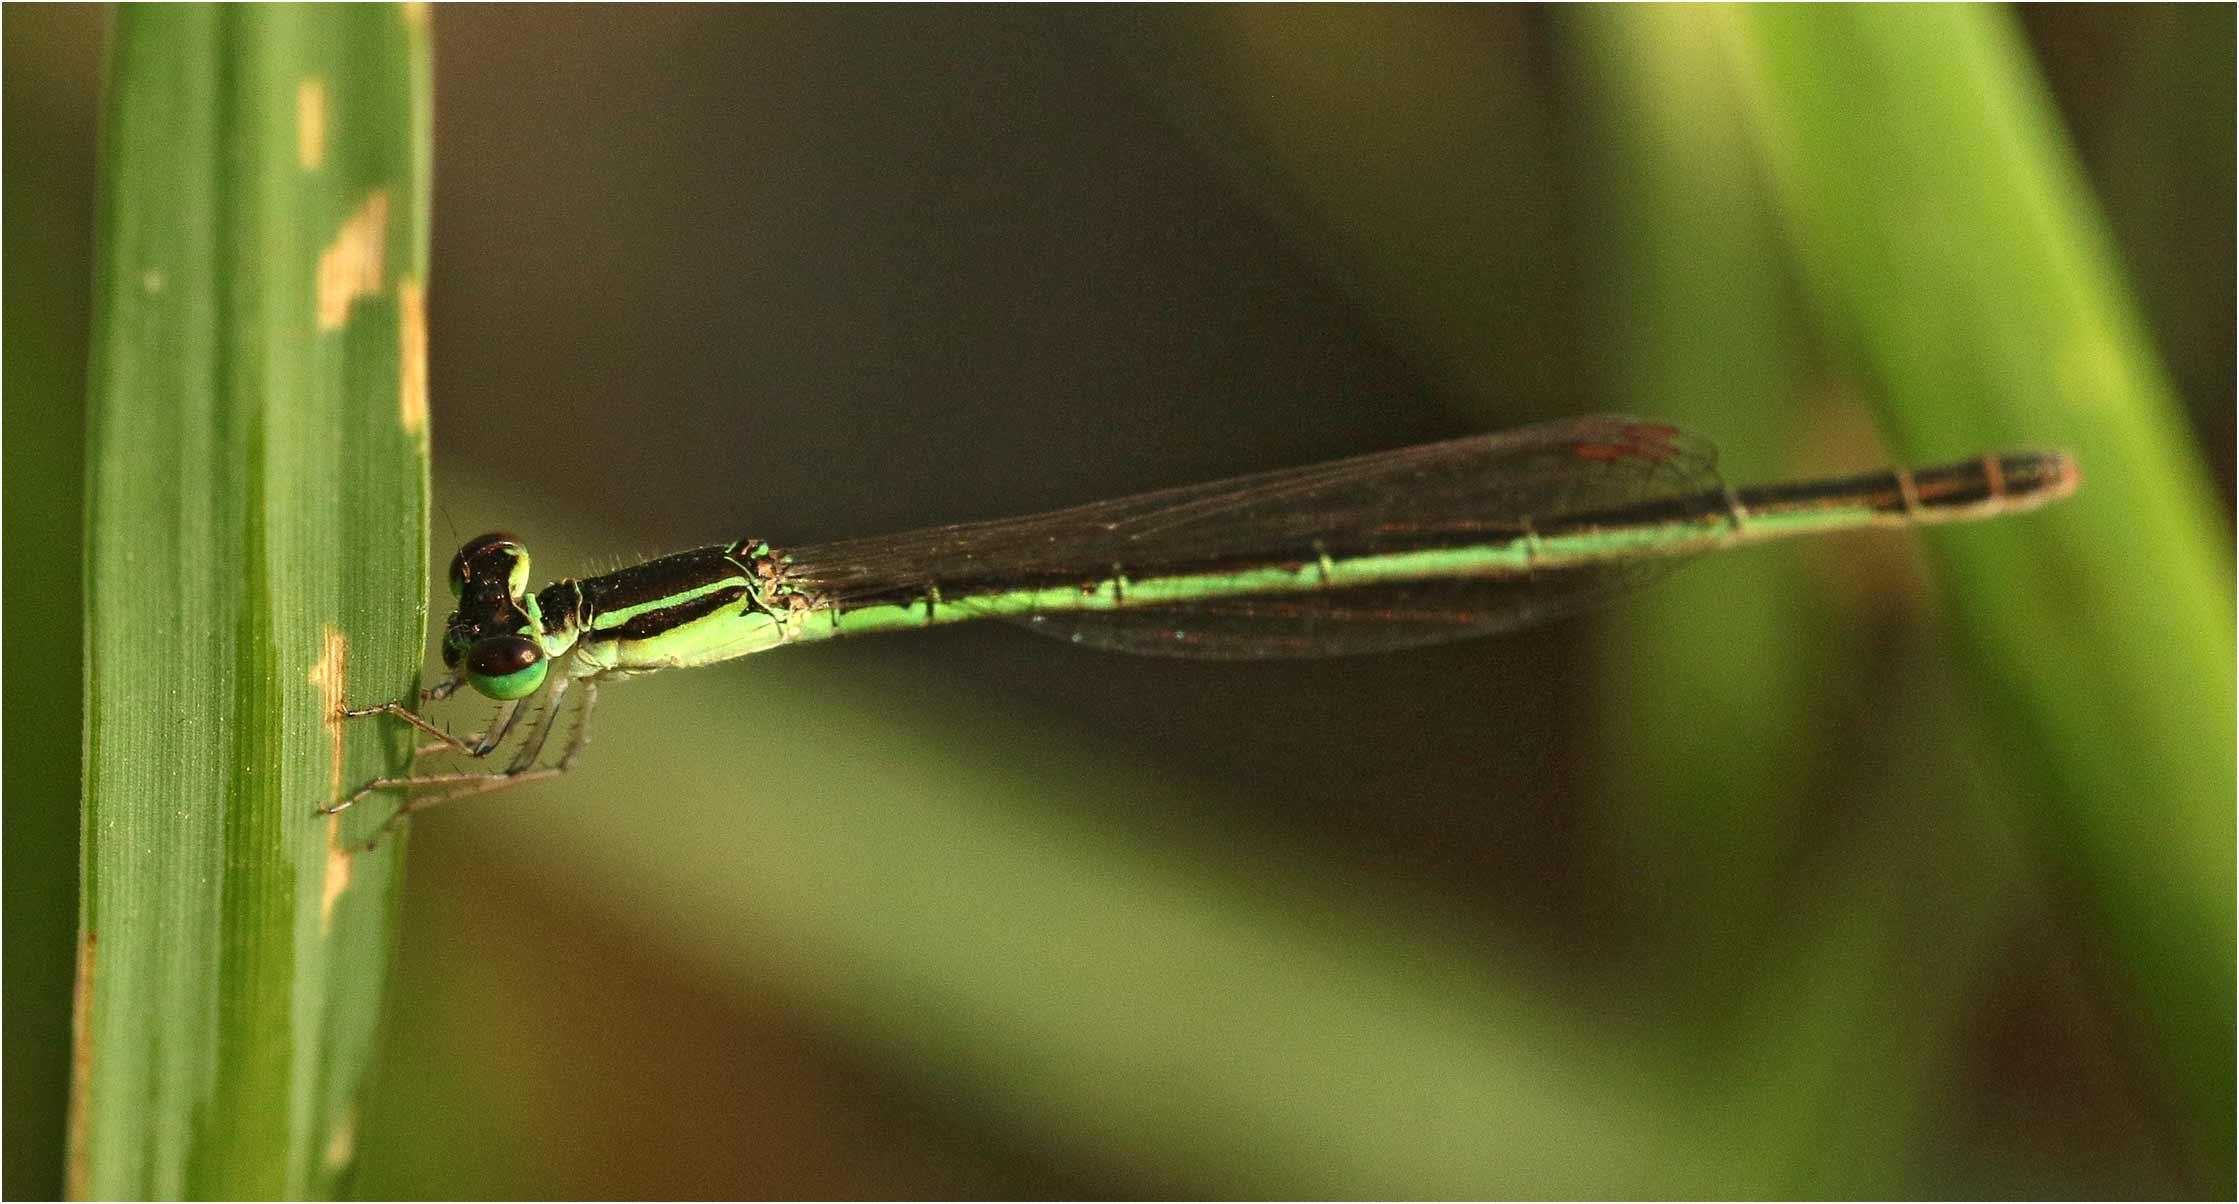 Agriocnemis inversa femelle, Ethiopie, lac Langano, 31/10/2018